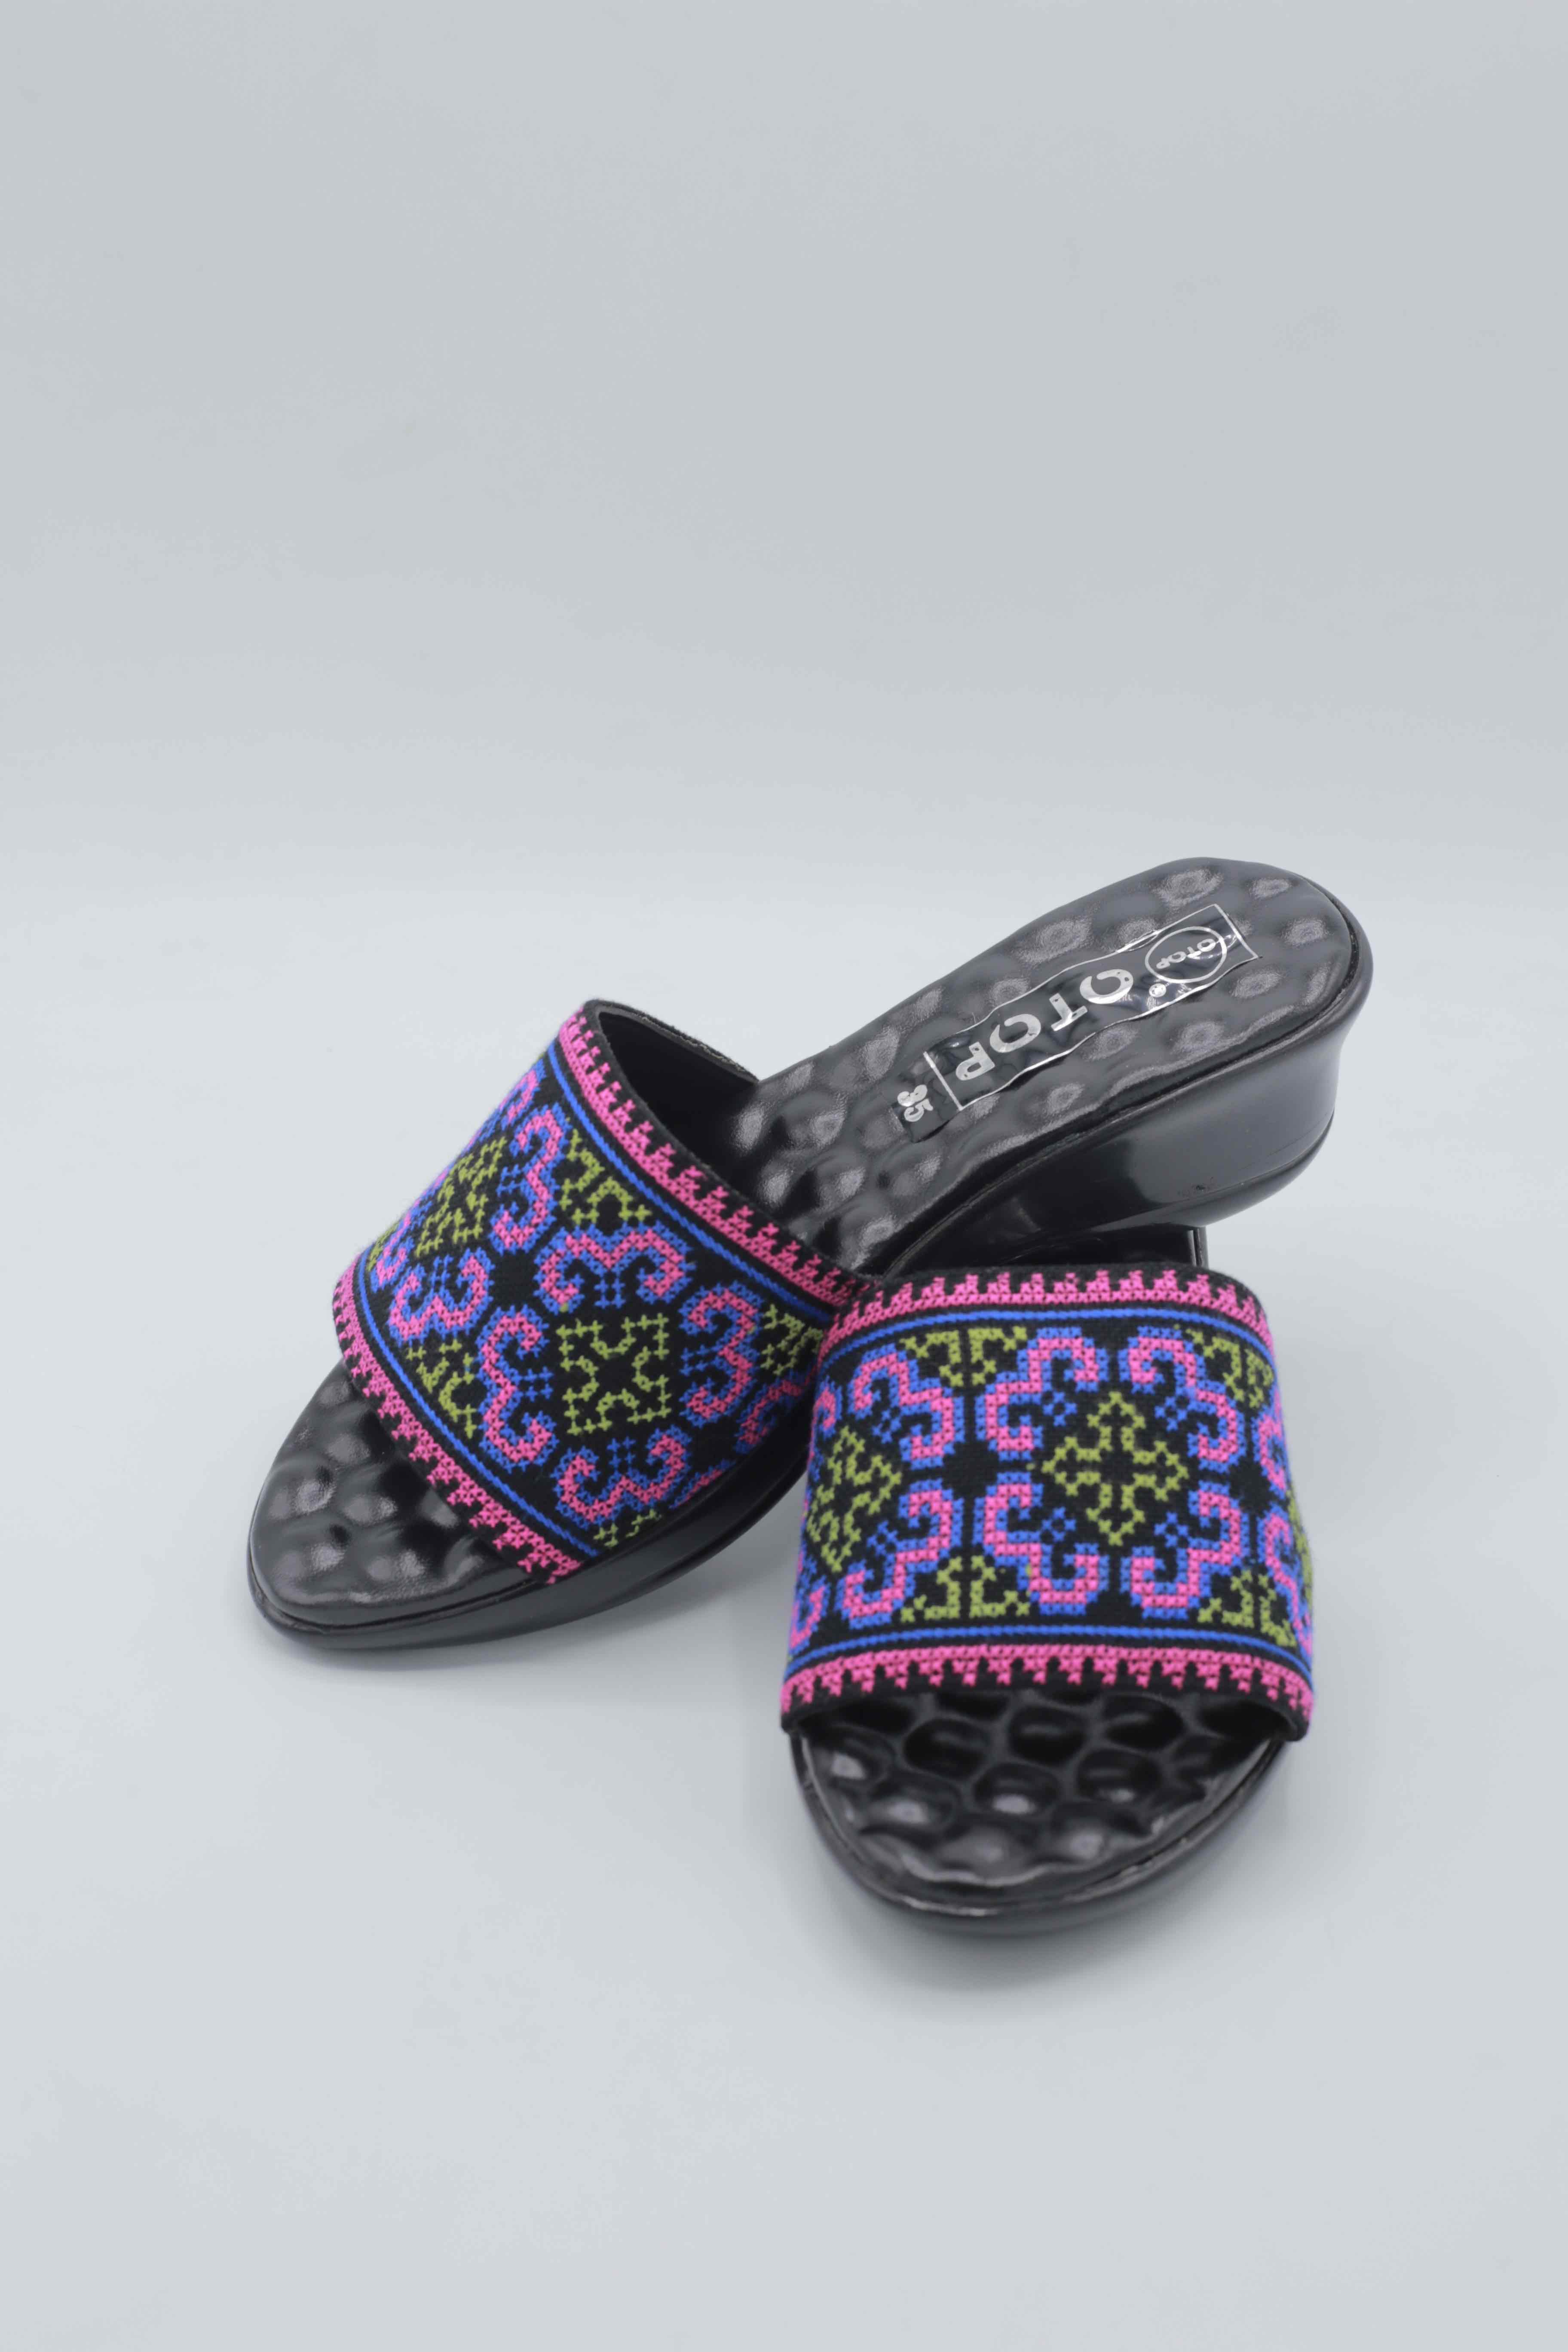 C03038 รองเท้าผ้าปักชาวเขา